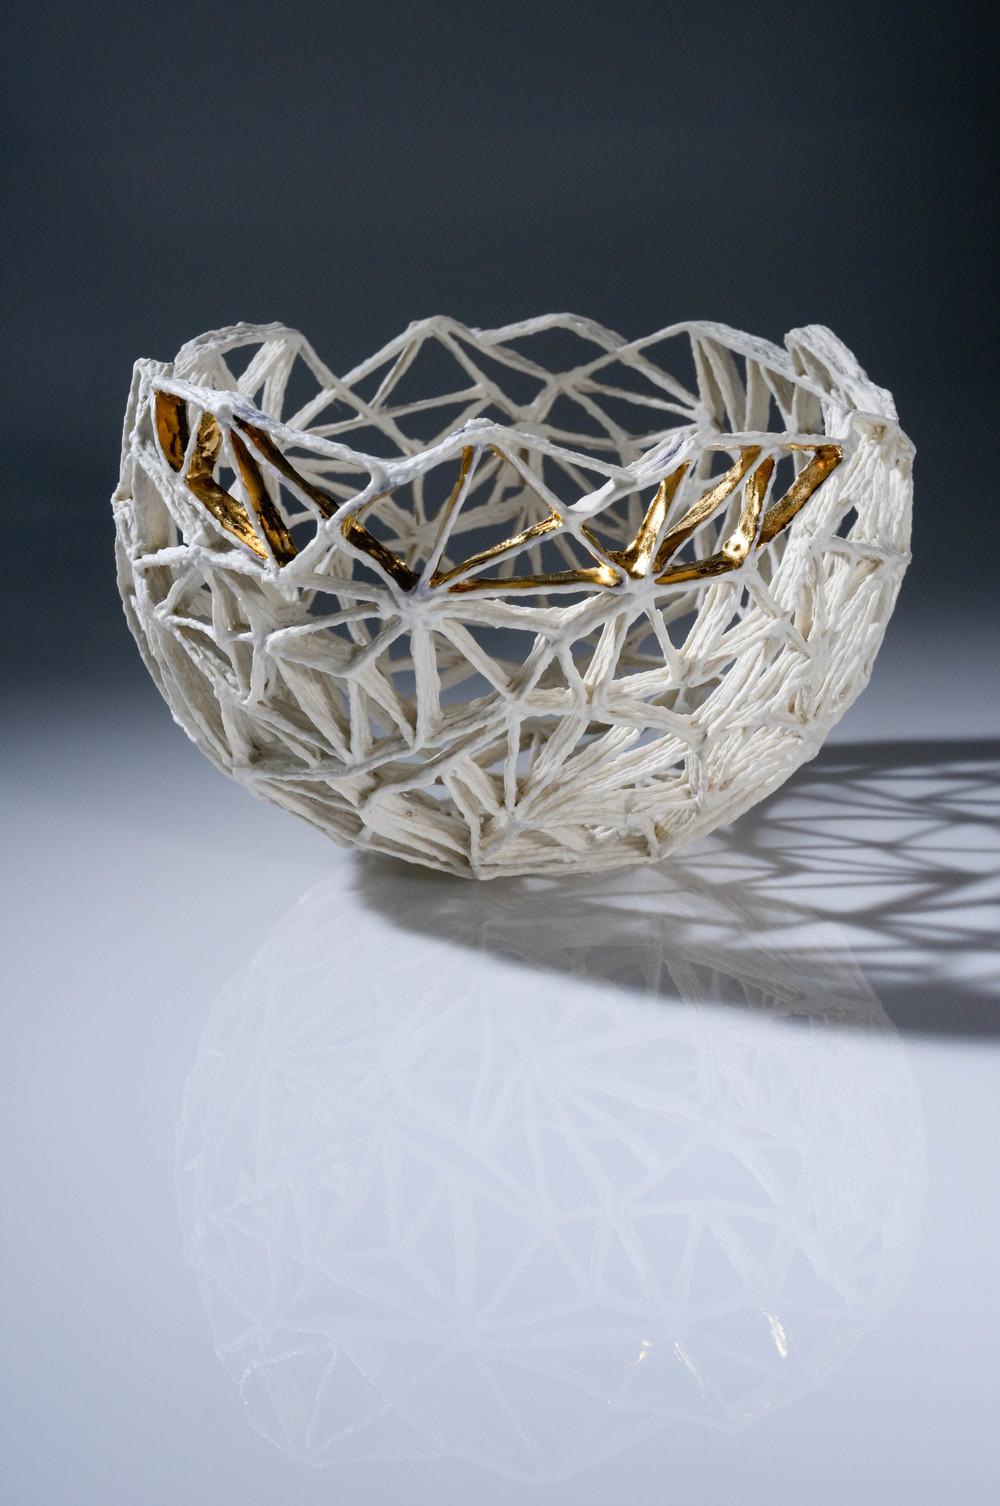 Dreieckiges Fachwerk mit Goldfächern threesides framework with gold d 20 cm image:Natalie Williams